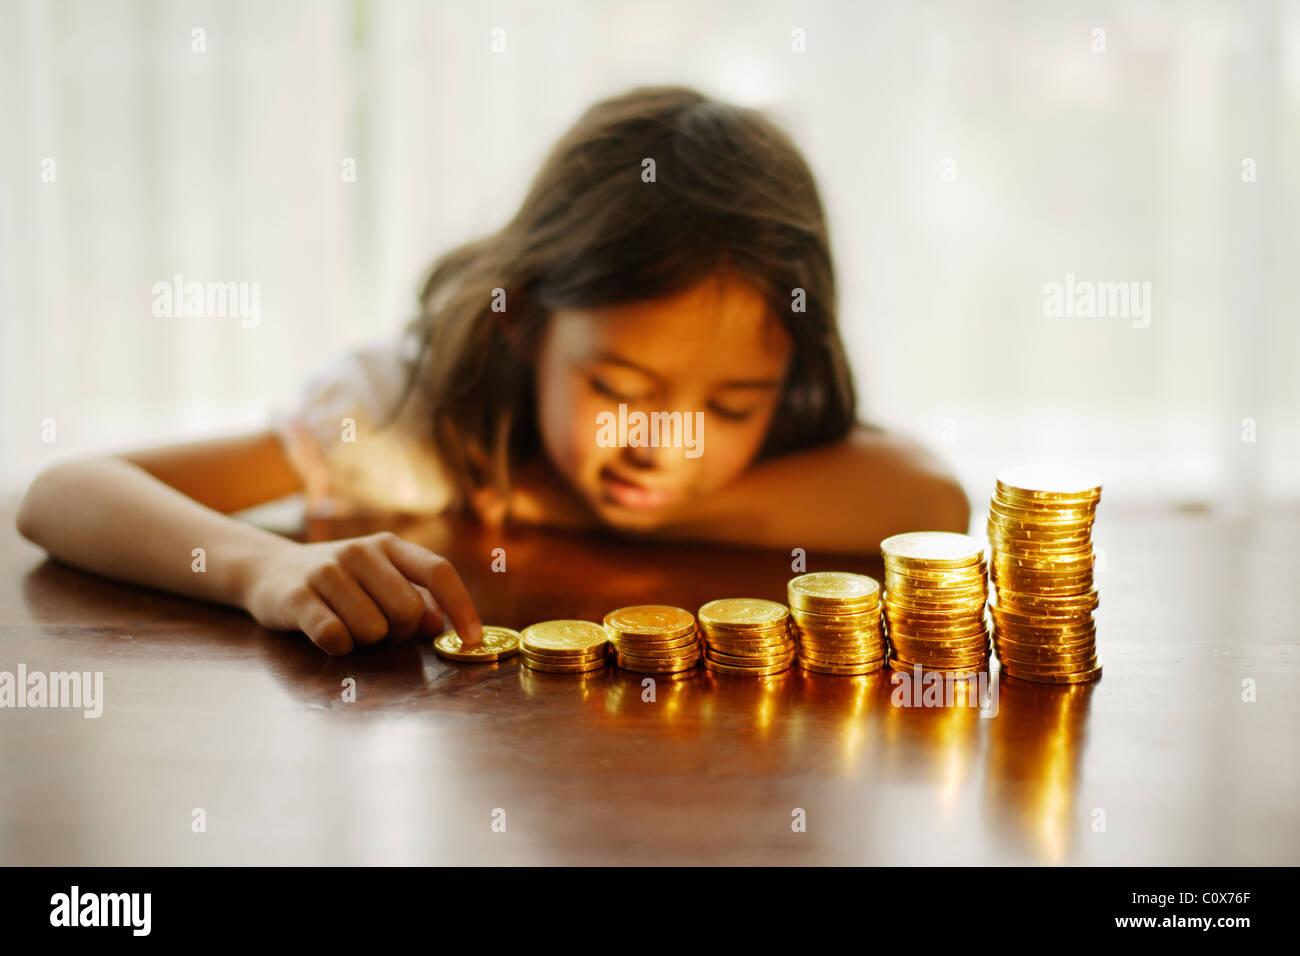 Investieren in Gold. Mädchen mit gestapelten Schokoladen gold-Münzen. Stockfoto